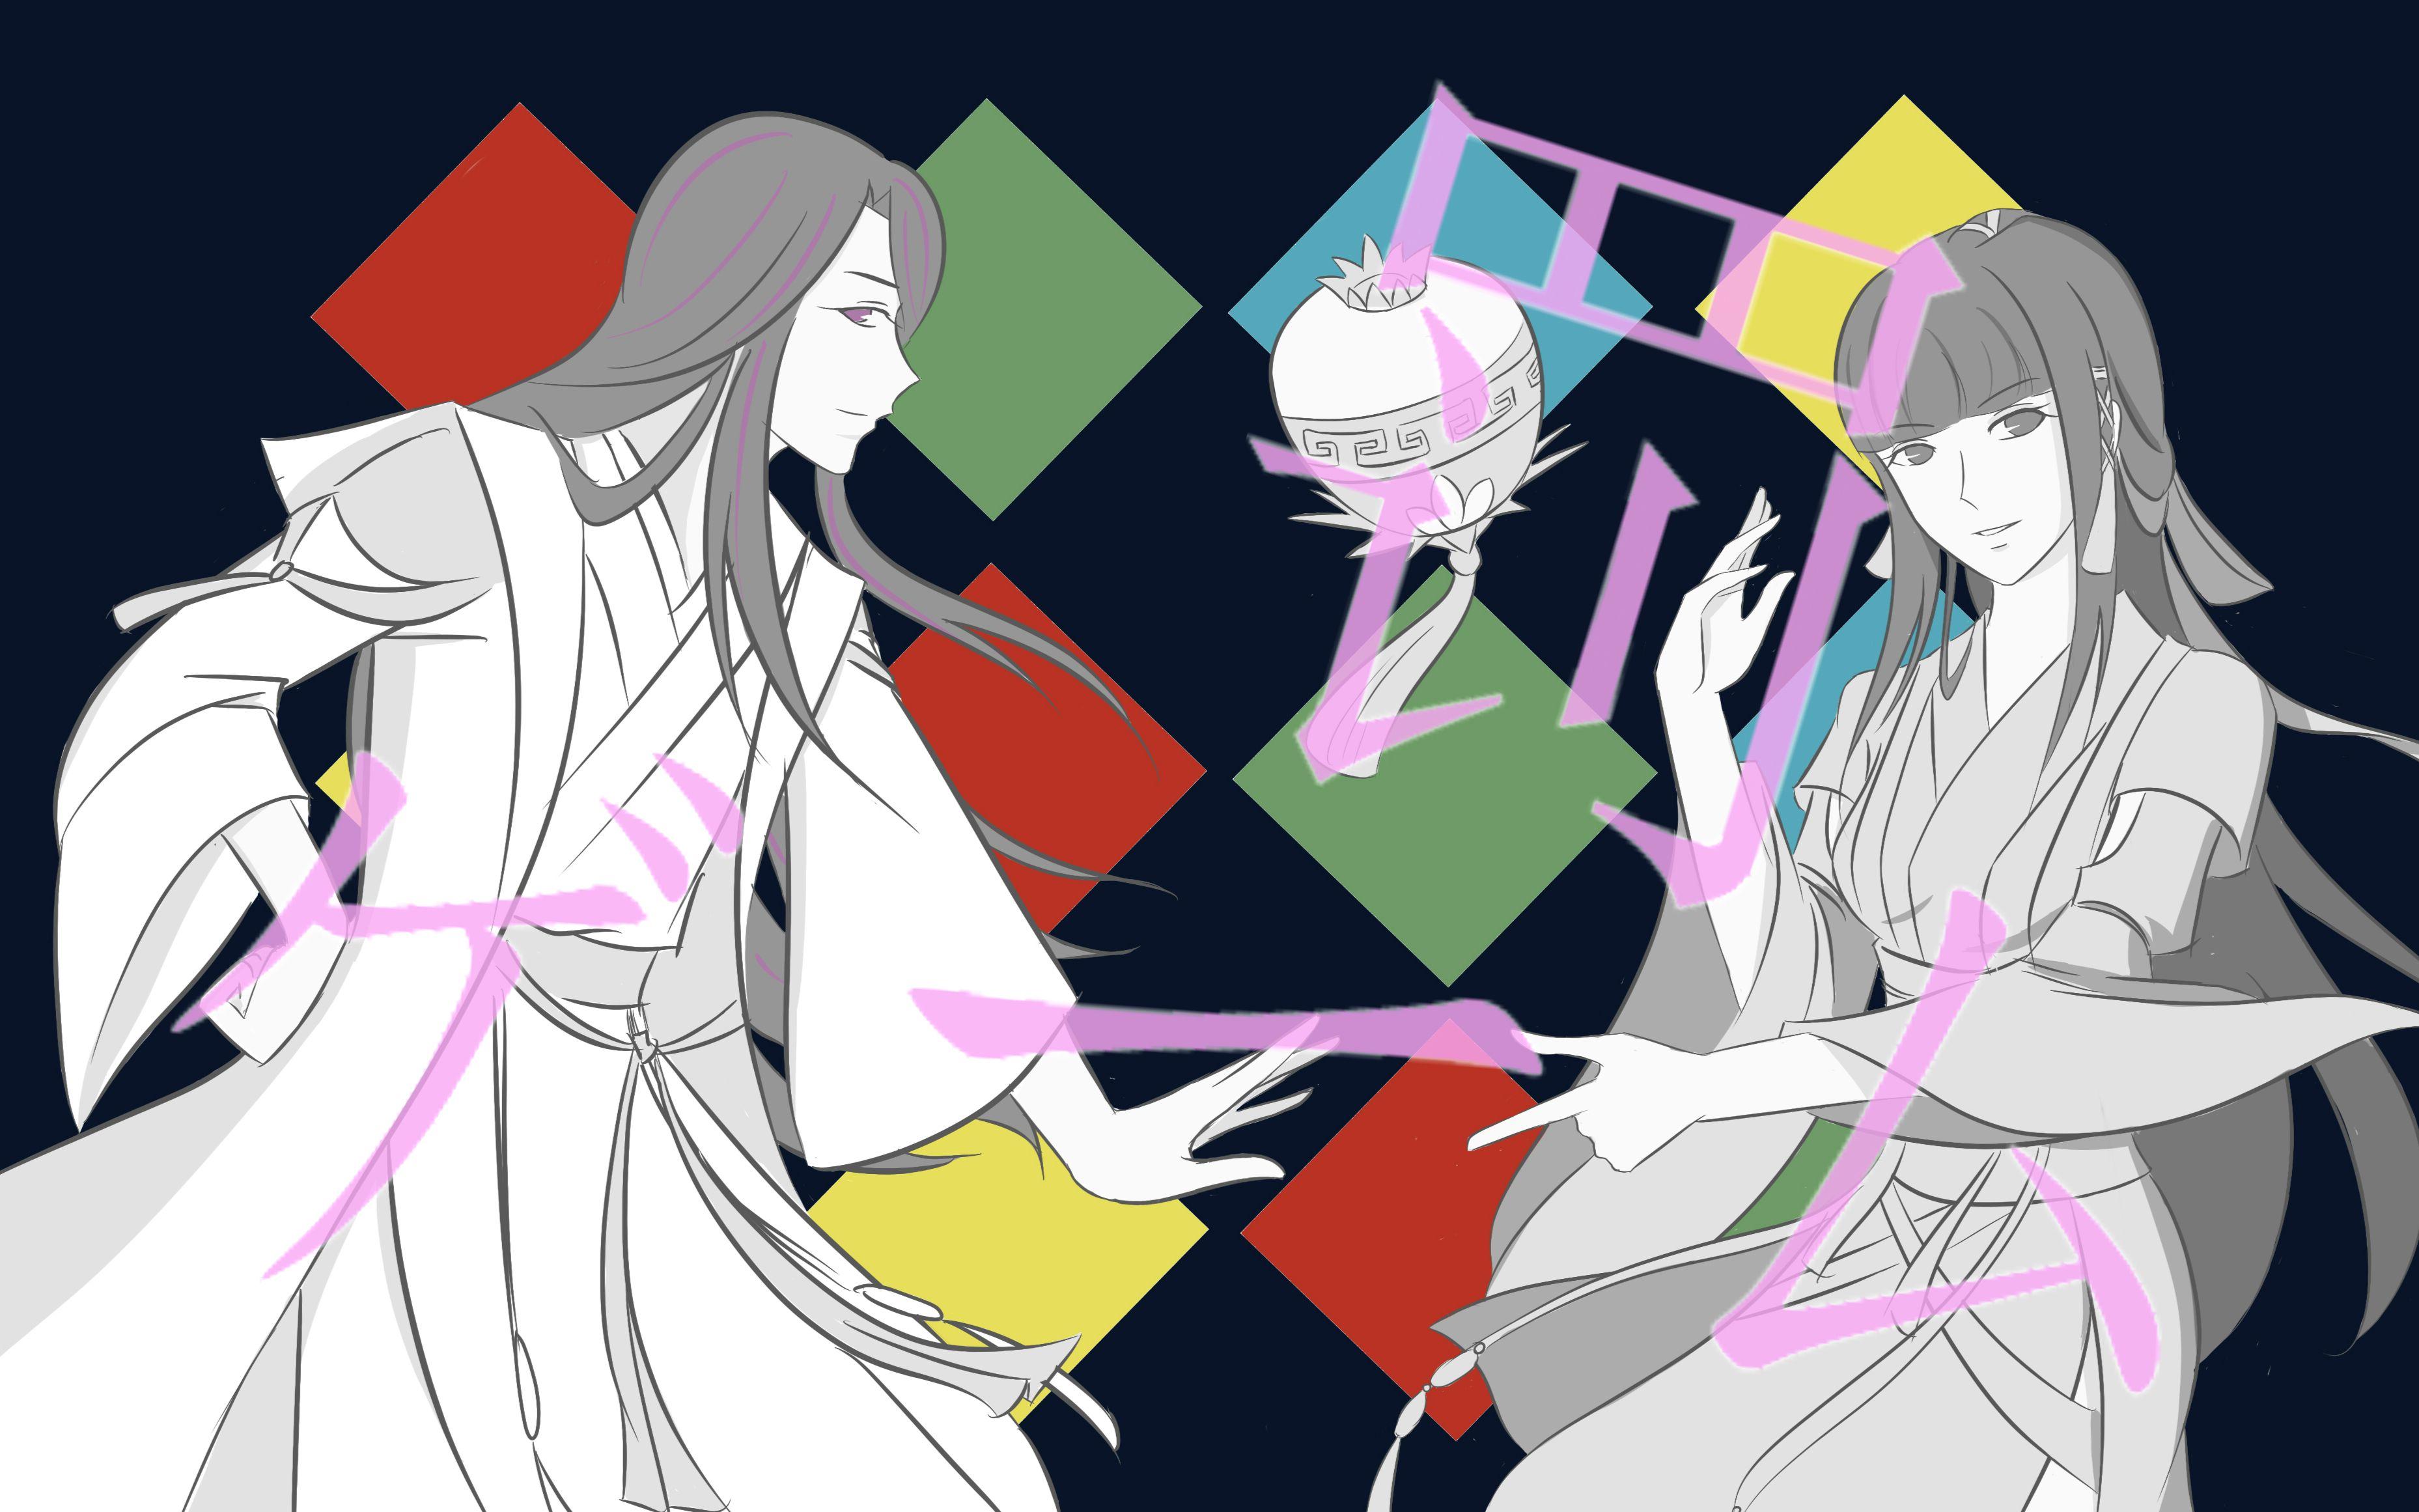 【仙剑六】小绣儿与大尾巴狼的惩罚游戏图片